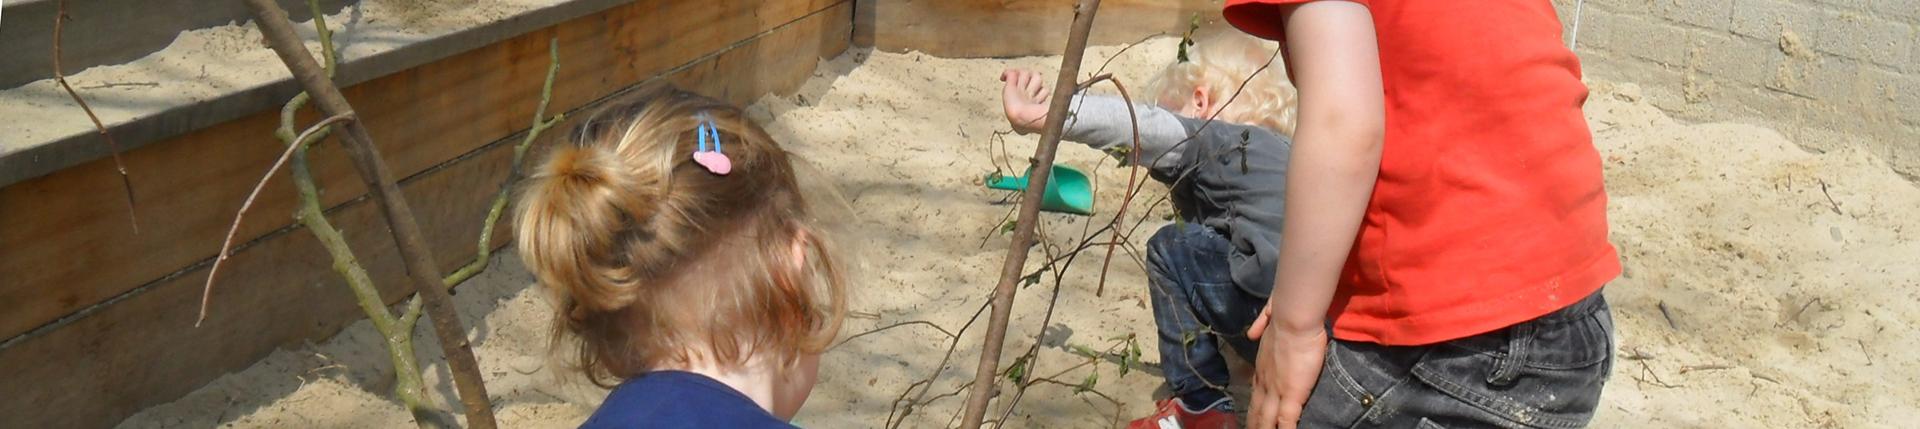 rondleiding-aanvragen-kinderopvang-heyendael